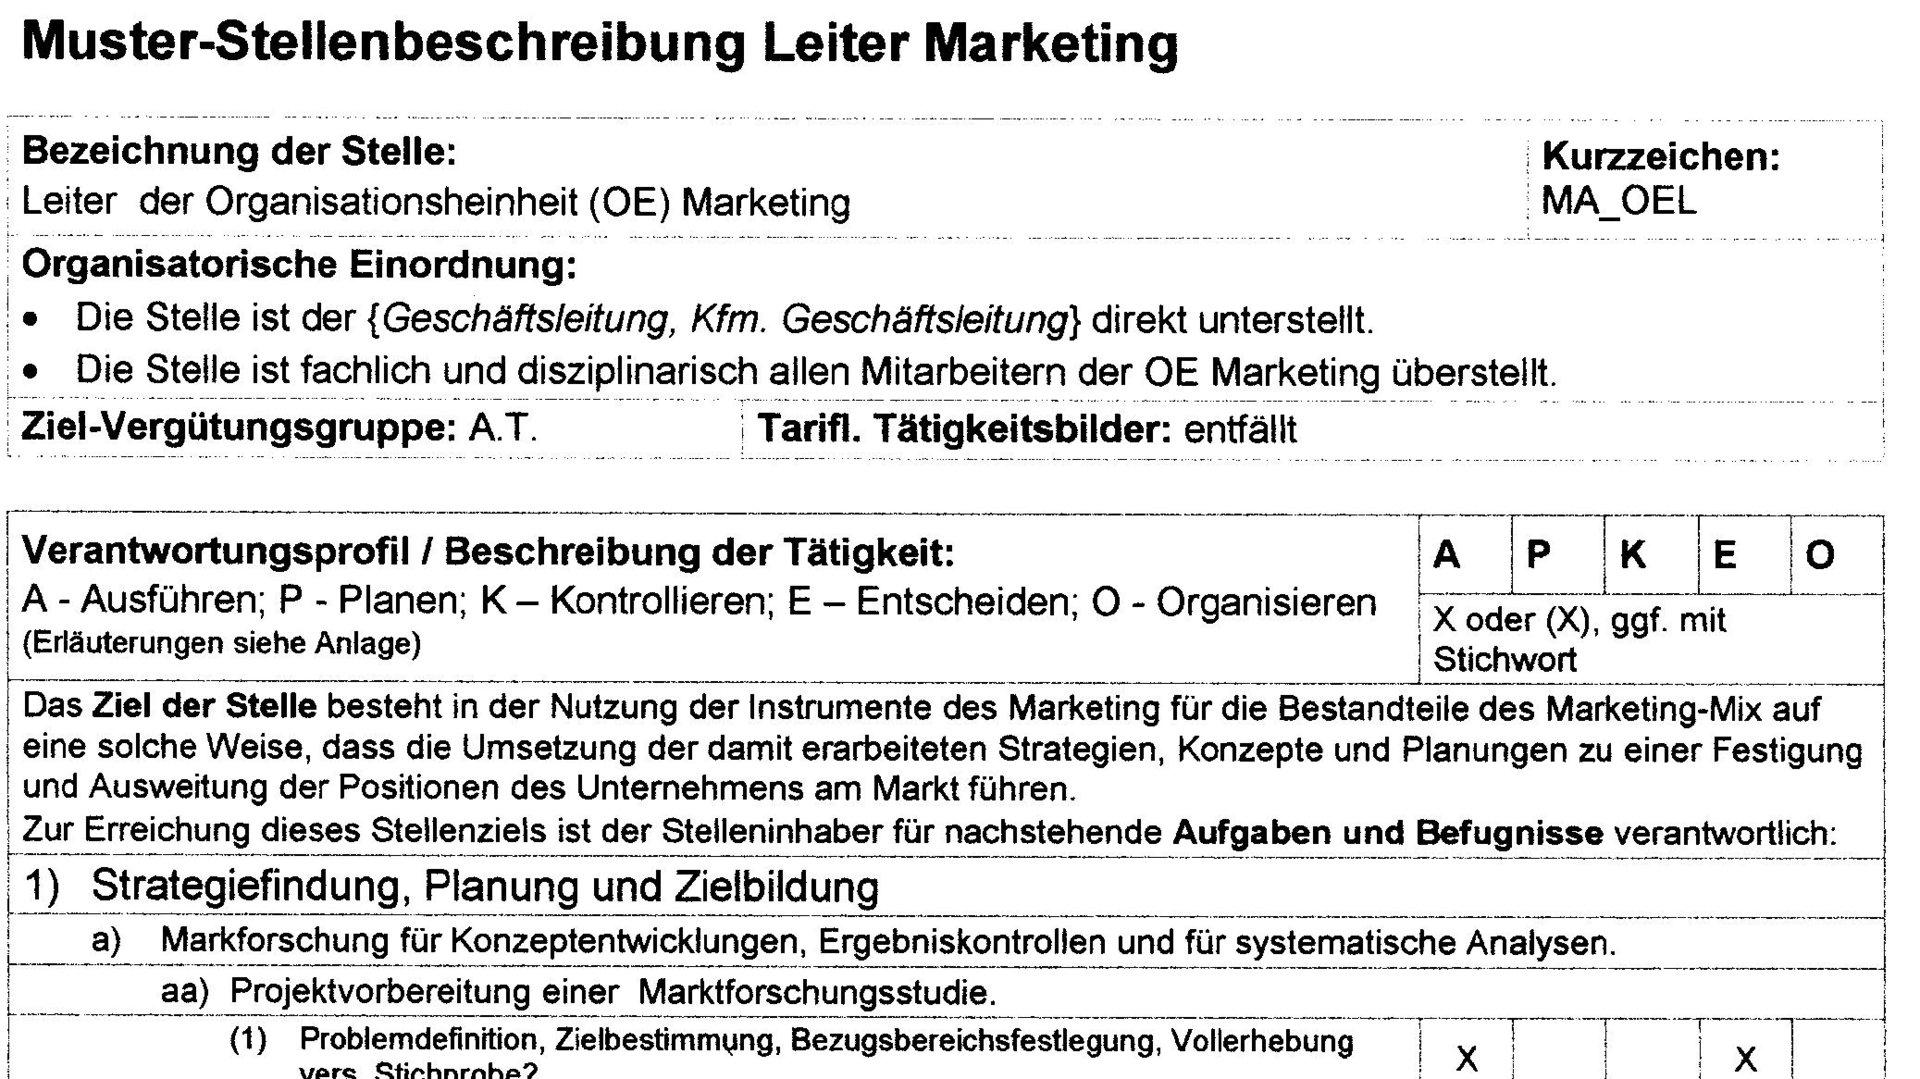 Schön Markenbotschafter Stellenbeschreibung Lebenslauf Beispiel ...